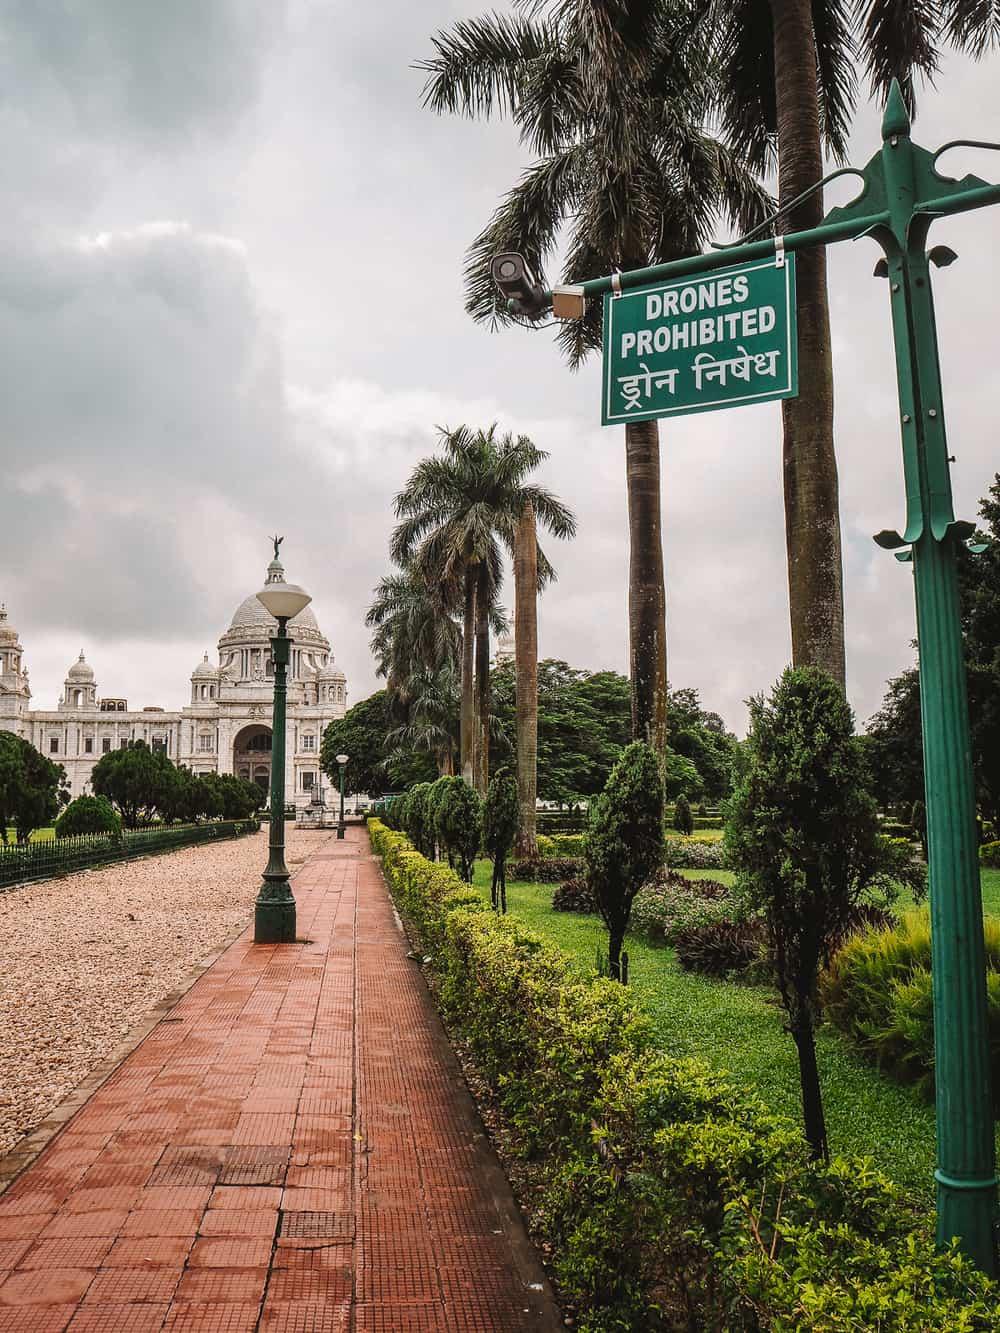 Drone photography at the Victoria Memorial Kolkata